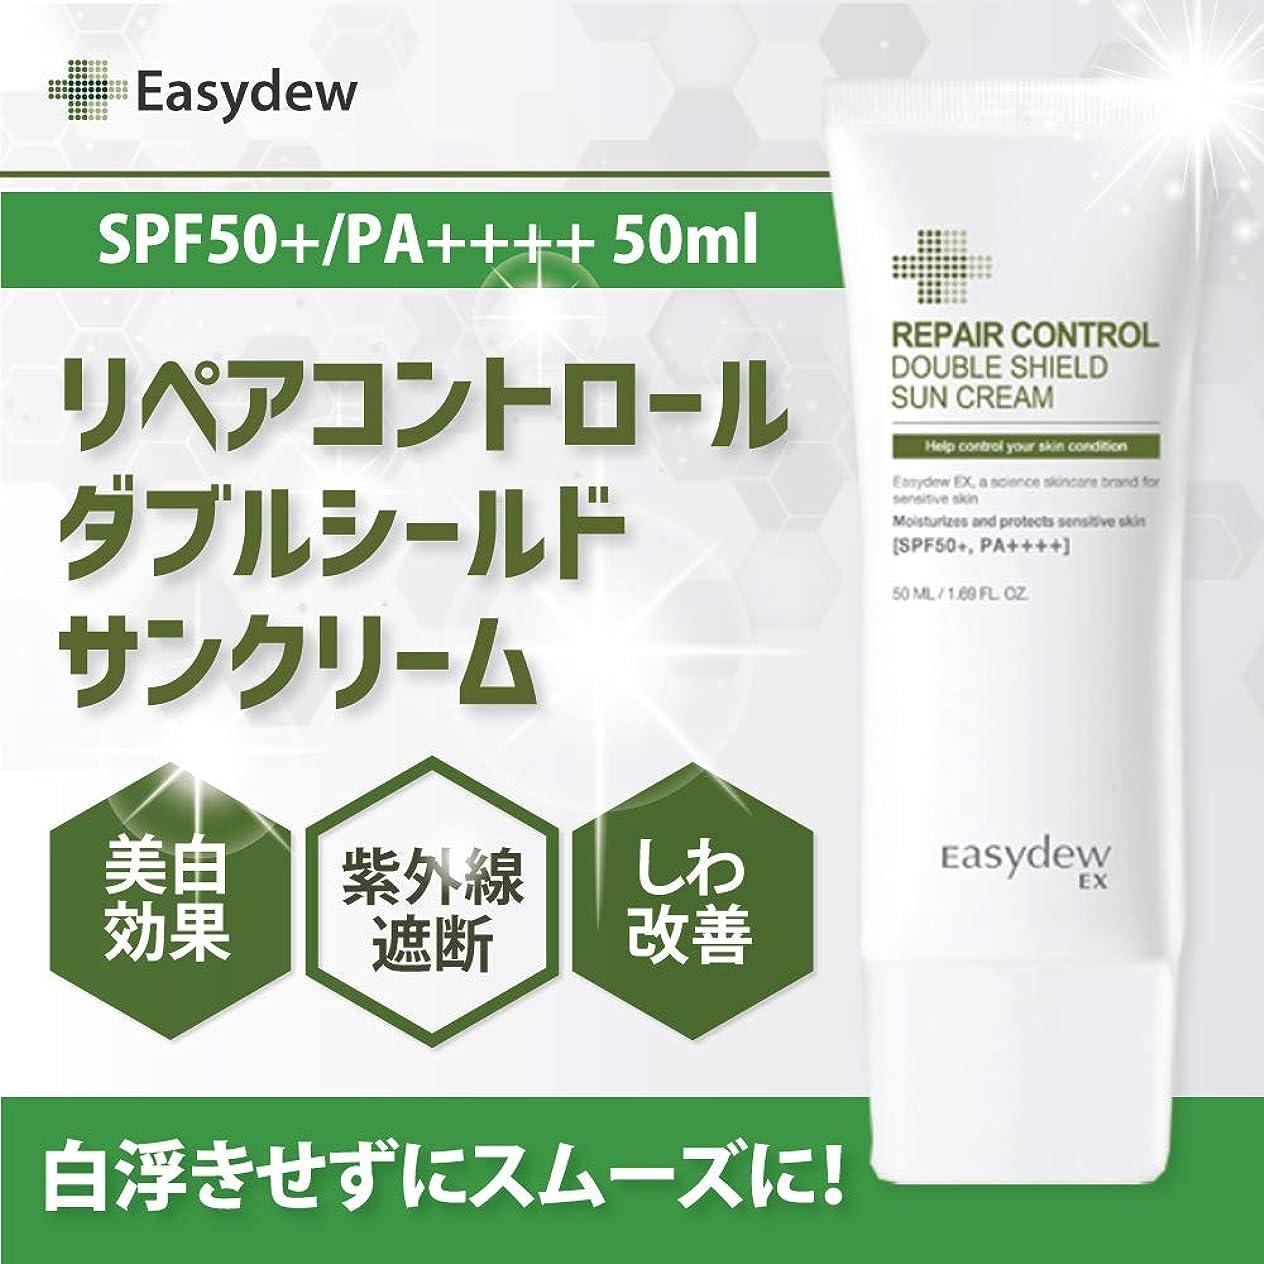 すべき物質ブリークデウン製薬 リペア コントロール ダブル シールド サン?クリーム SPF50+/PA++++ 50ml. Repair Control Double Shild Sun Cream SPF50+/PA++++ 50ml.